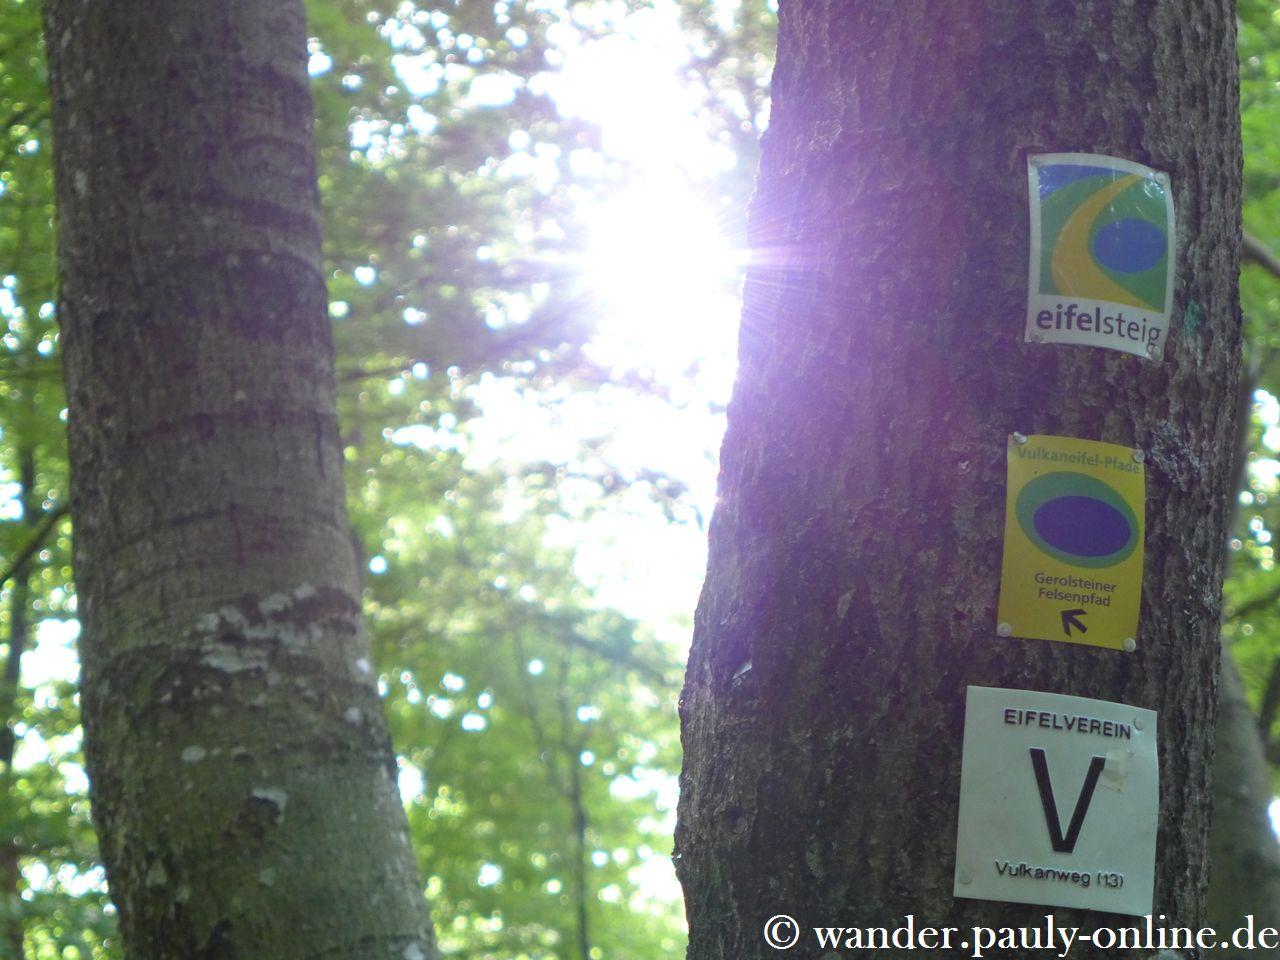 Gerolsteiner Dolomiten - Eifelsteig